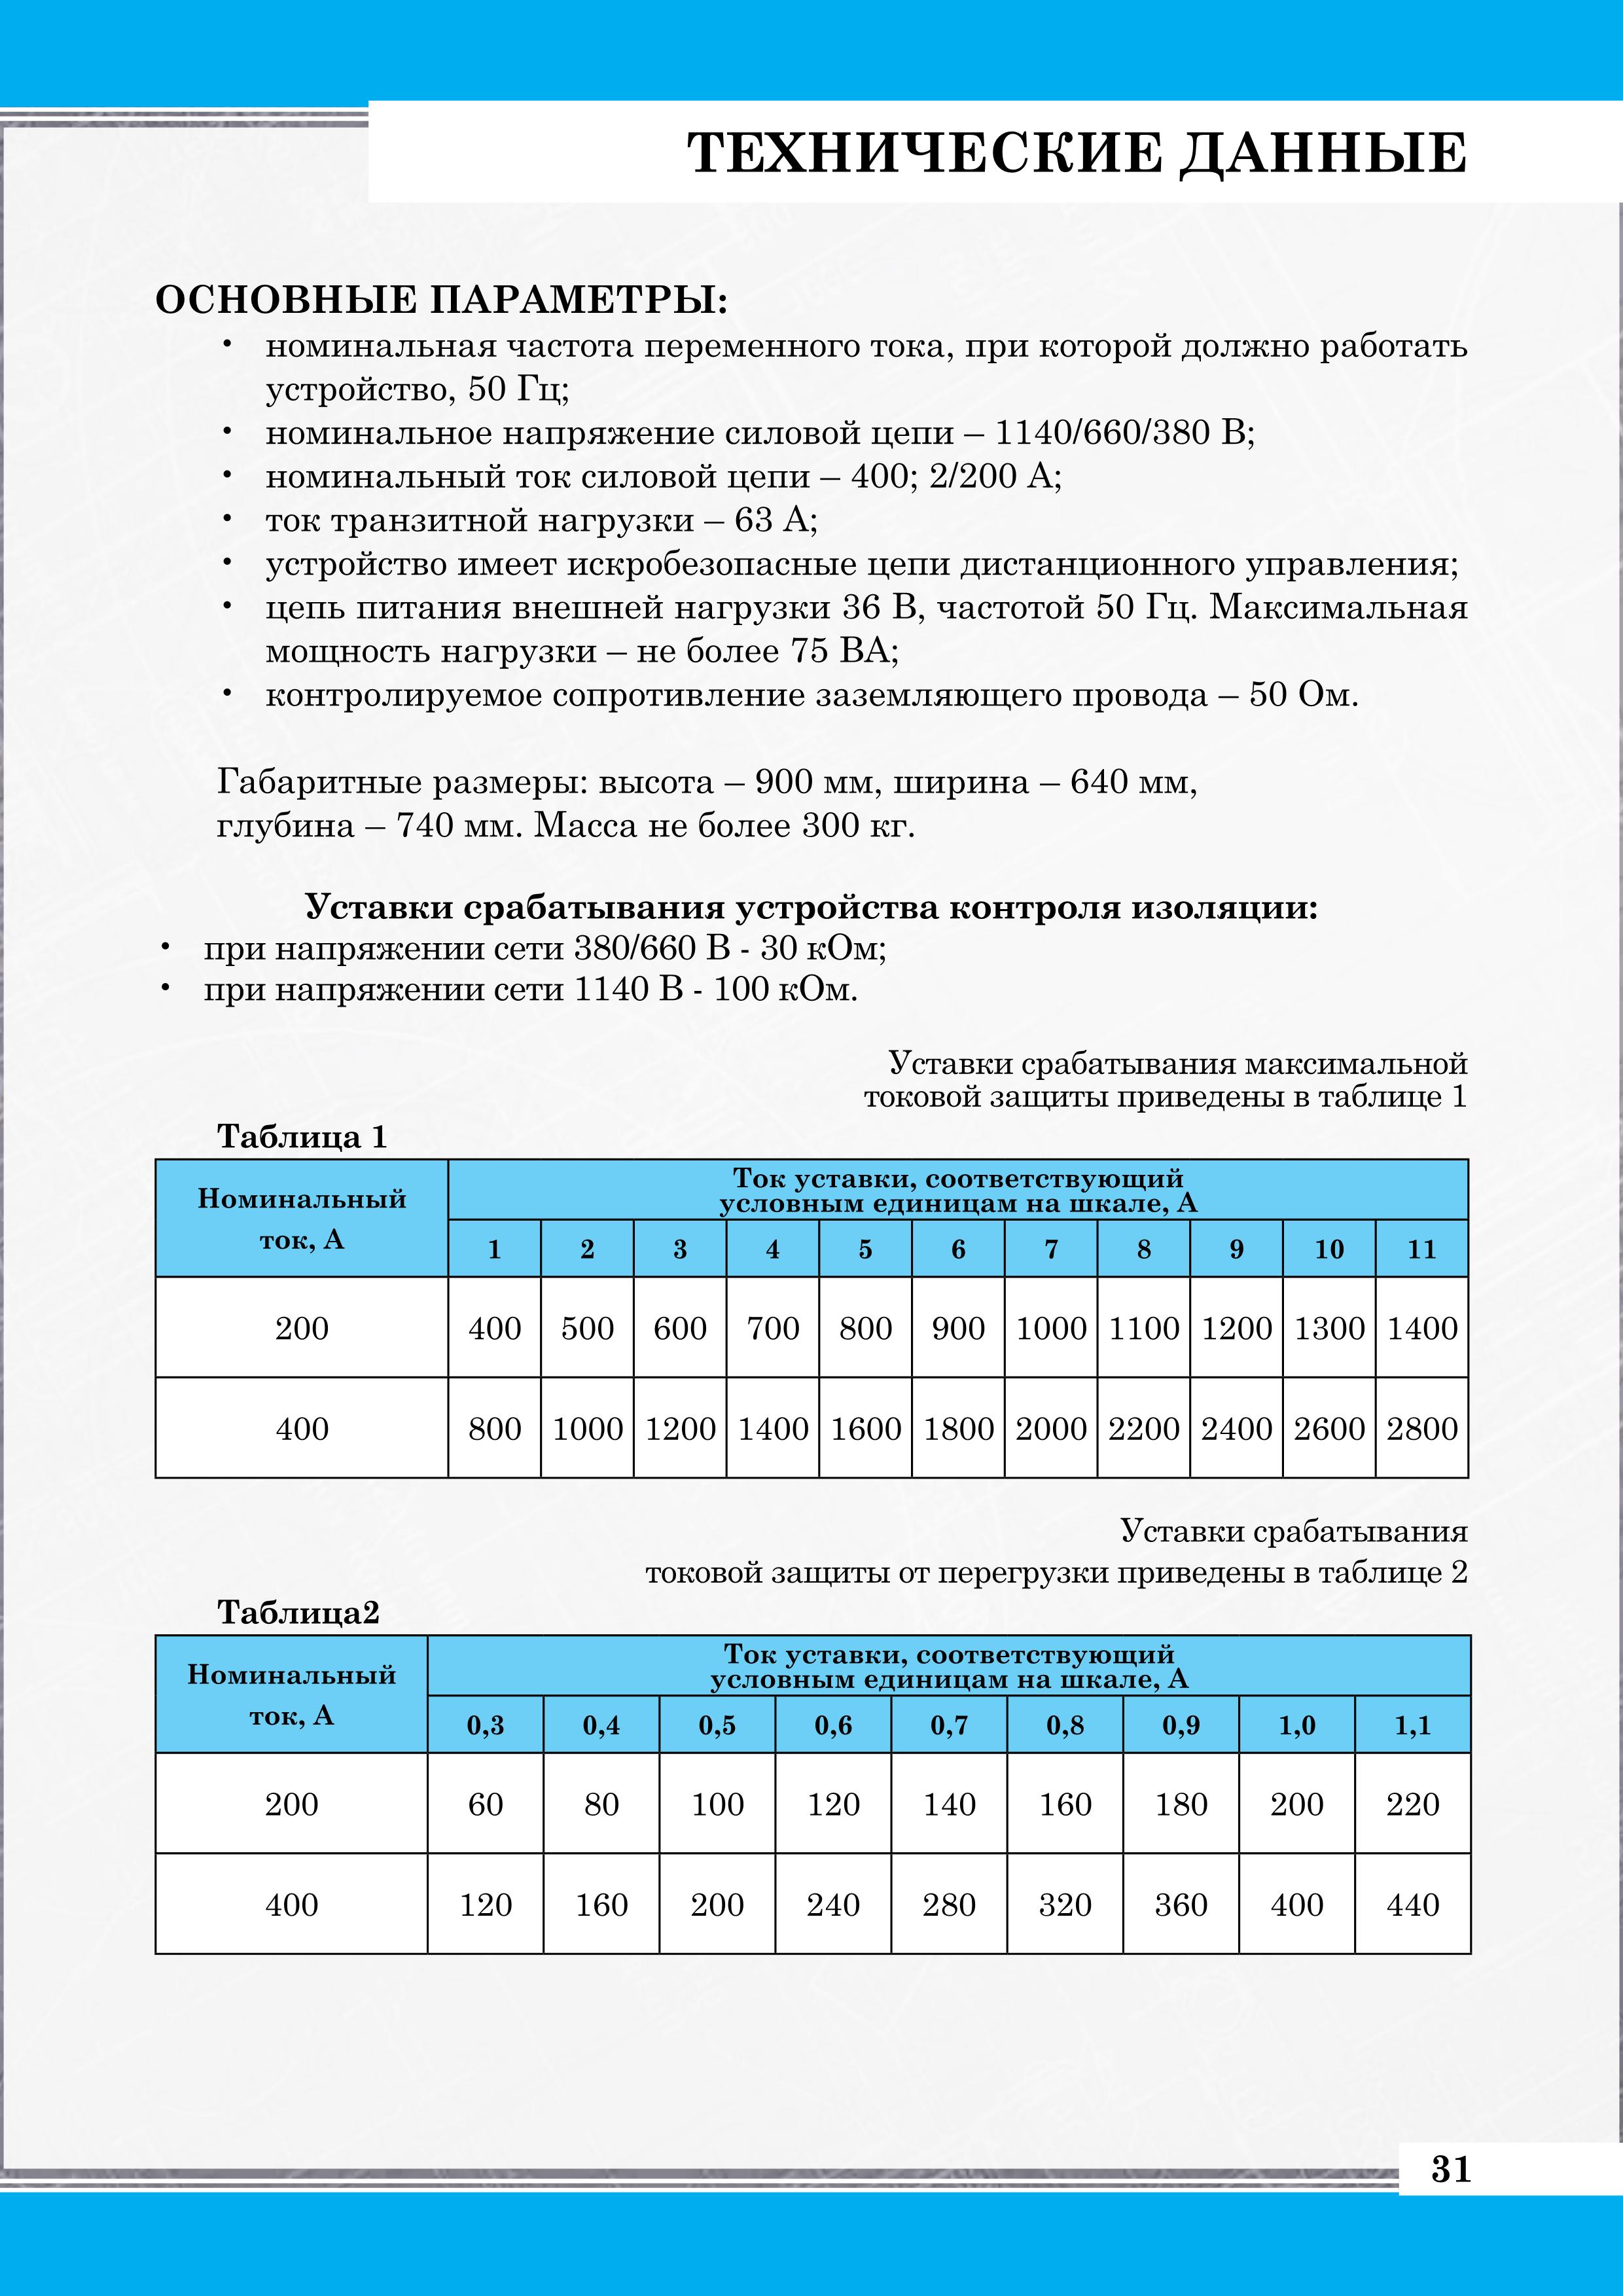 Каталог ДонЭнергоЗавод 2018г._31